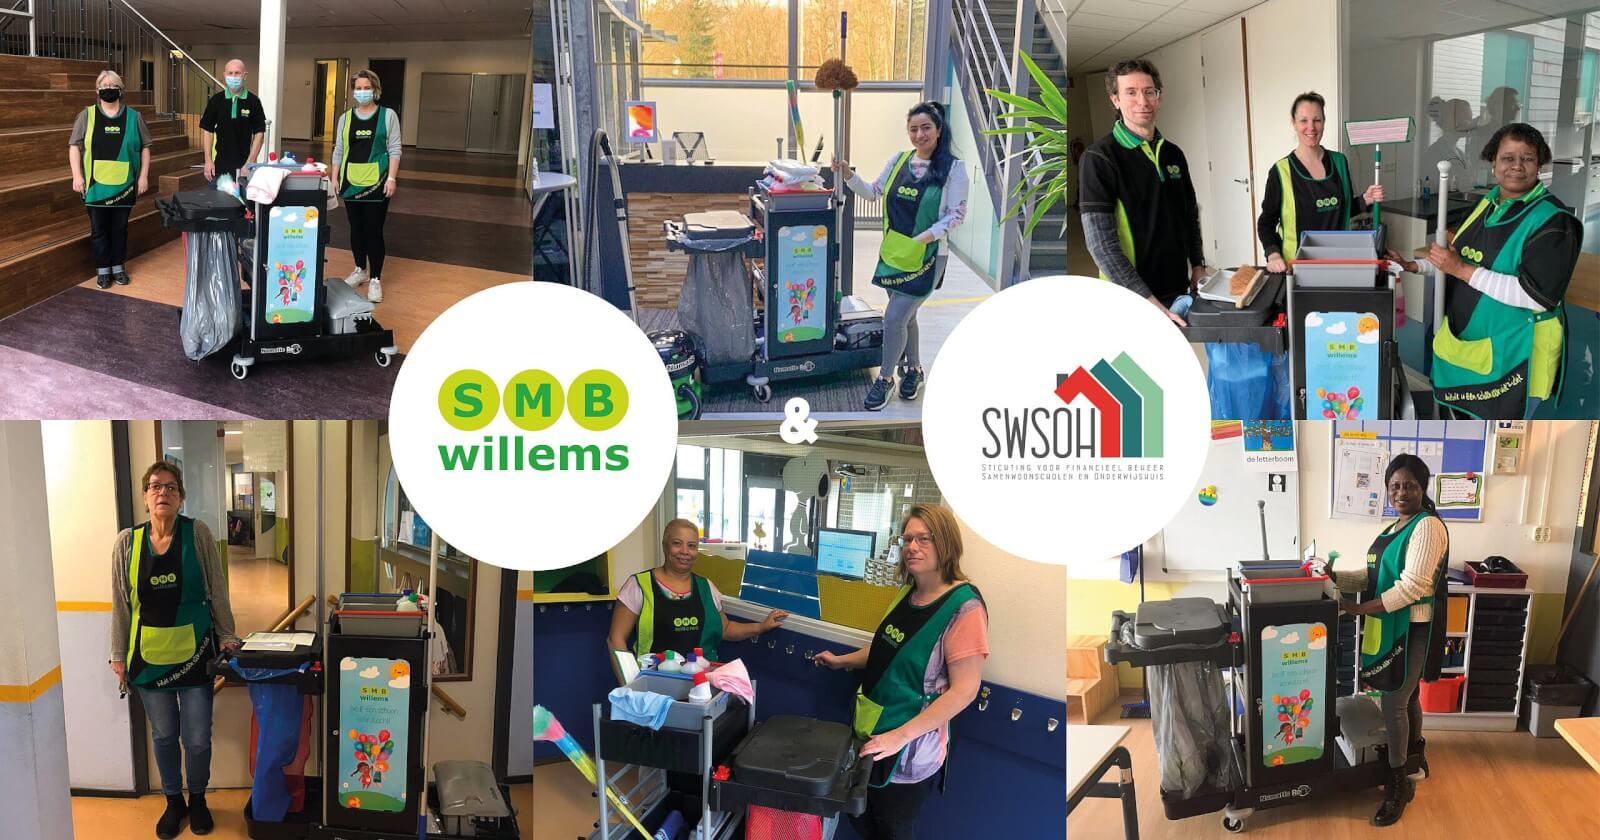 SMB Willems nieuwe partner van SWSOH